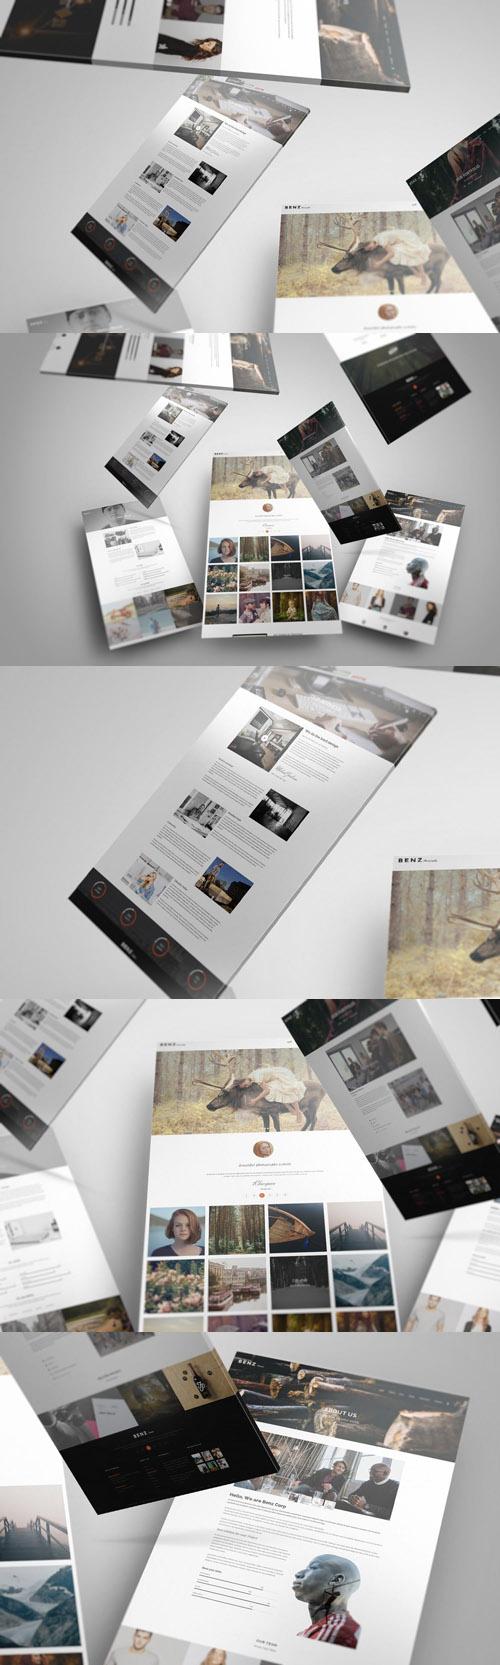 Web Showcase Mockup 07